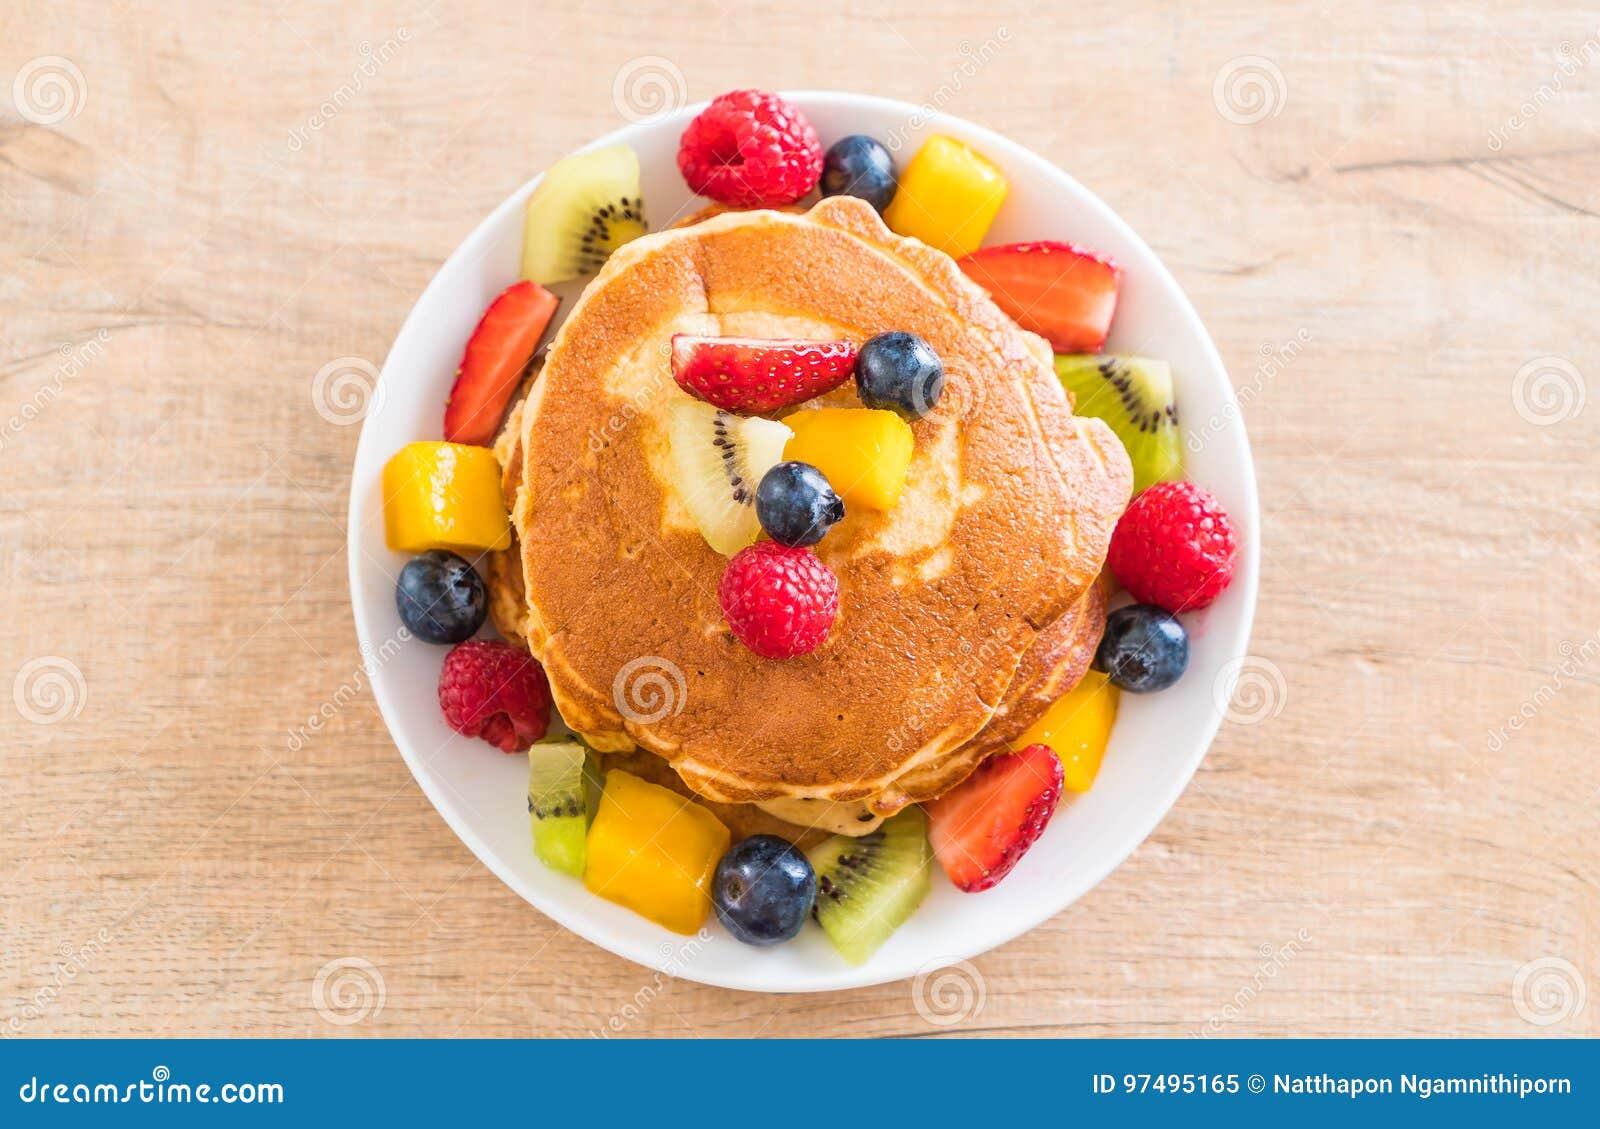 Pancake con i frutti della miscela